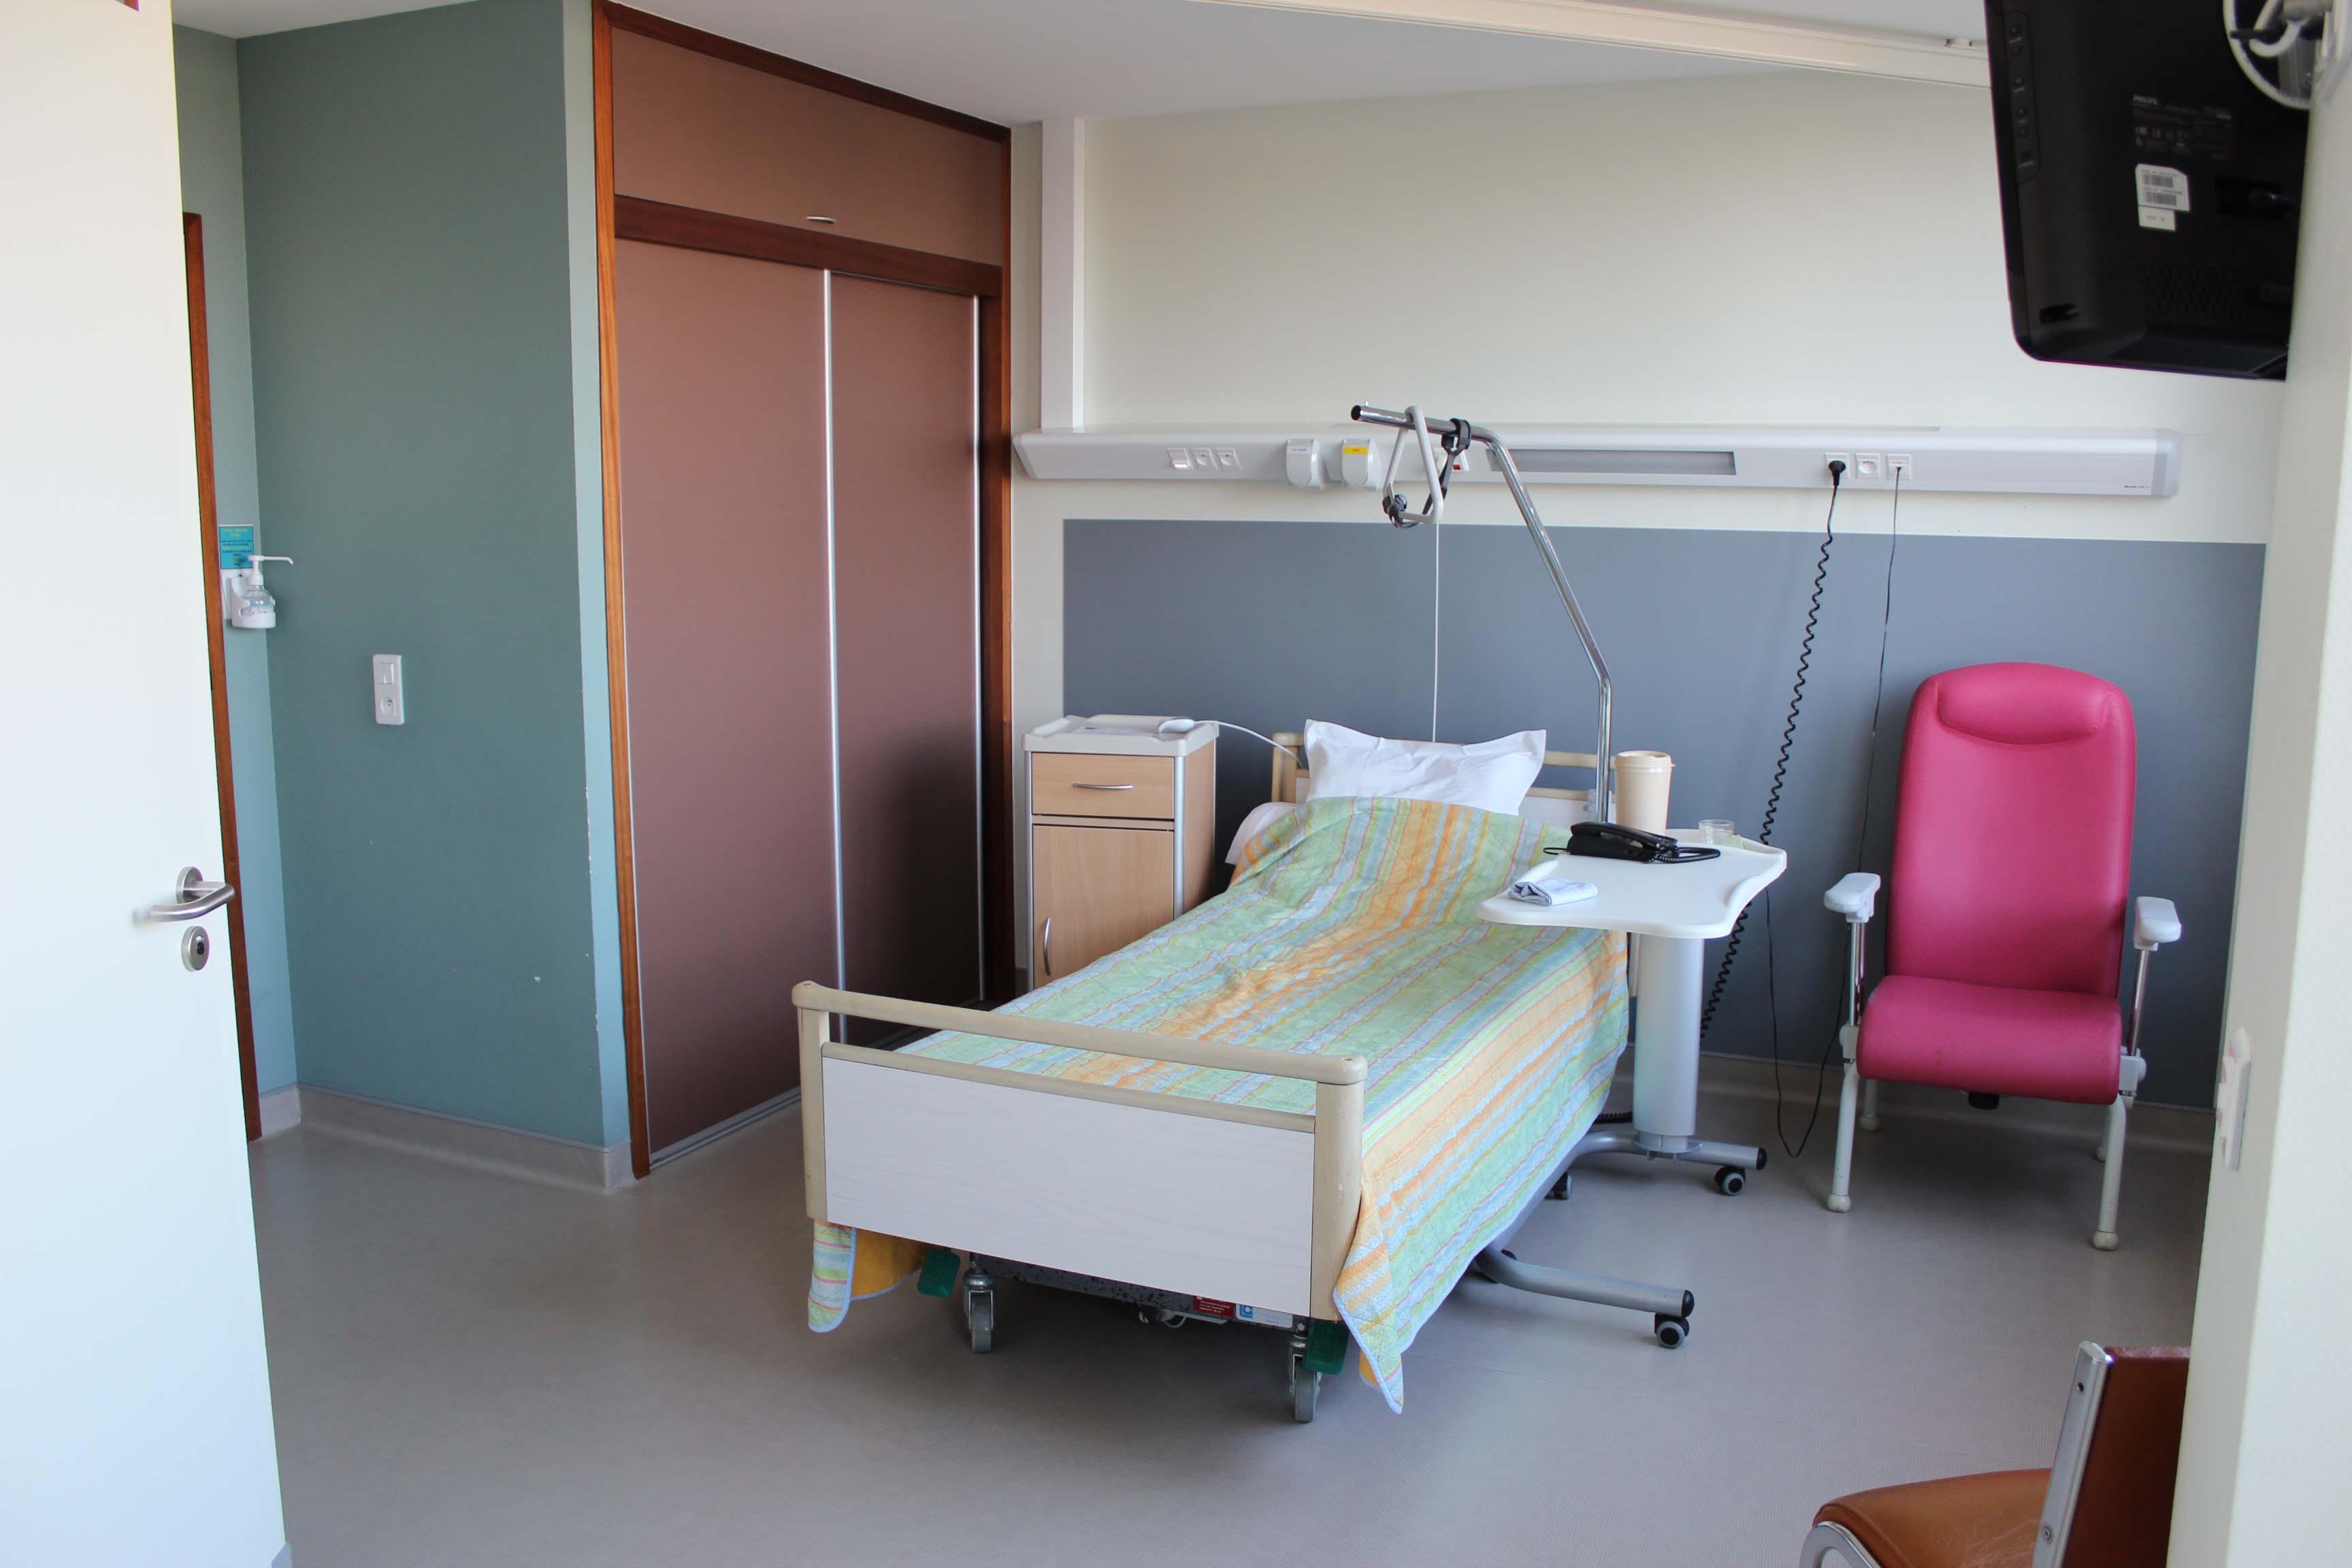 Hôpital Delaroche Une chambre